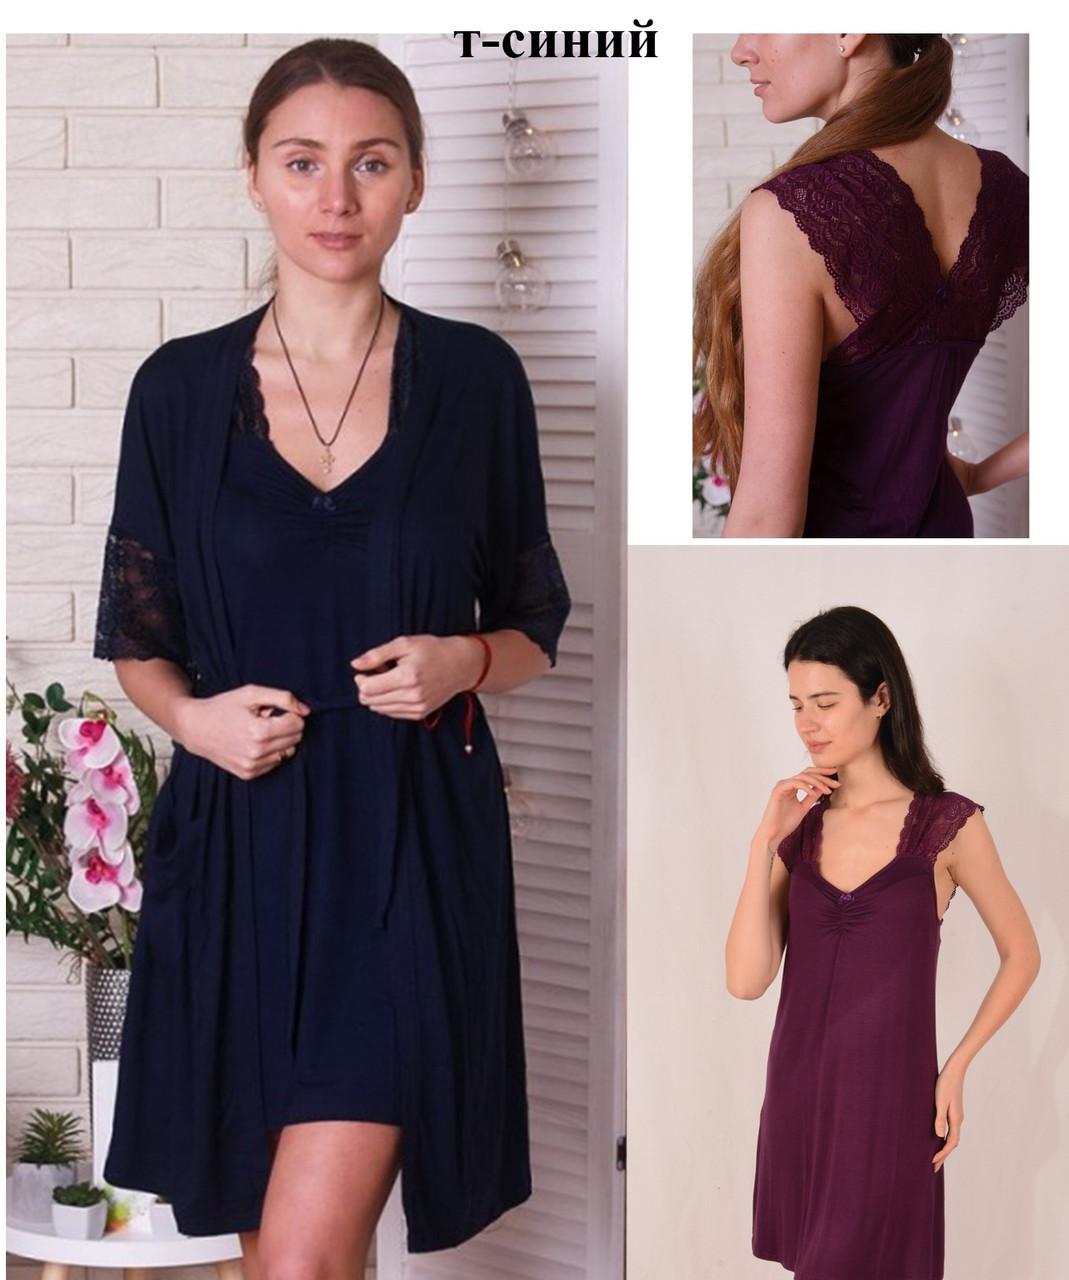 Комплект женский: халат 3/4 рукав+ночная рубашка на широких бретелях с кружевом,  вискоза, Nicoletta